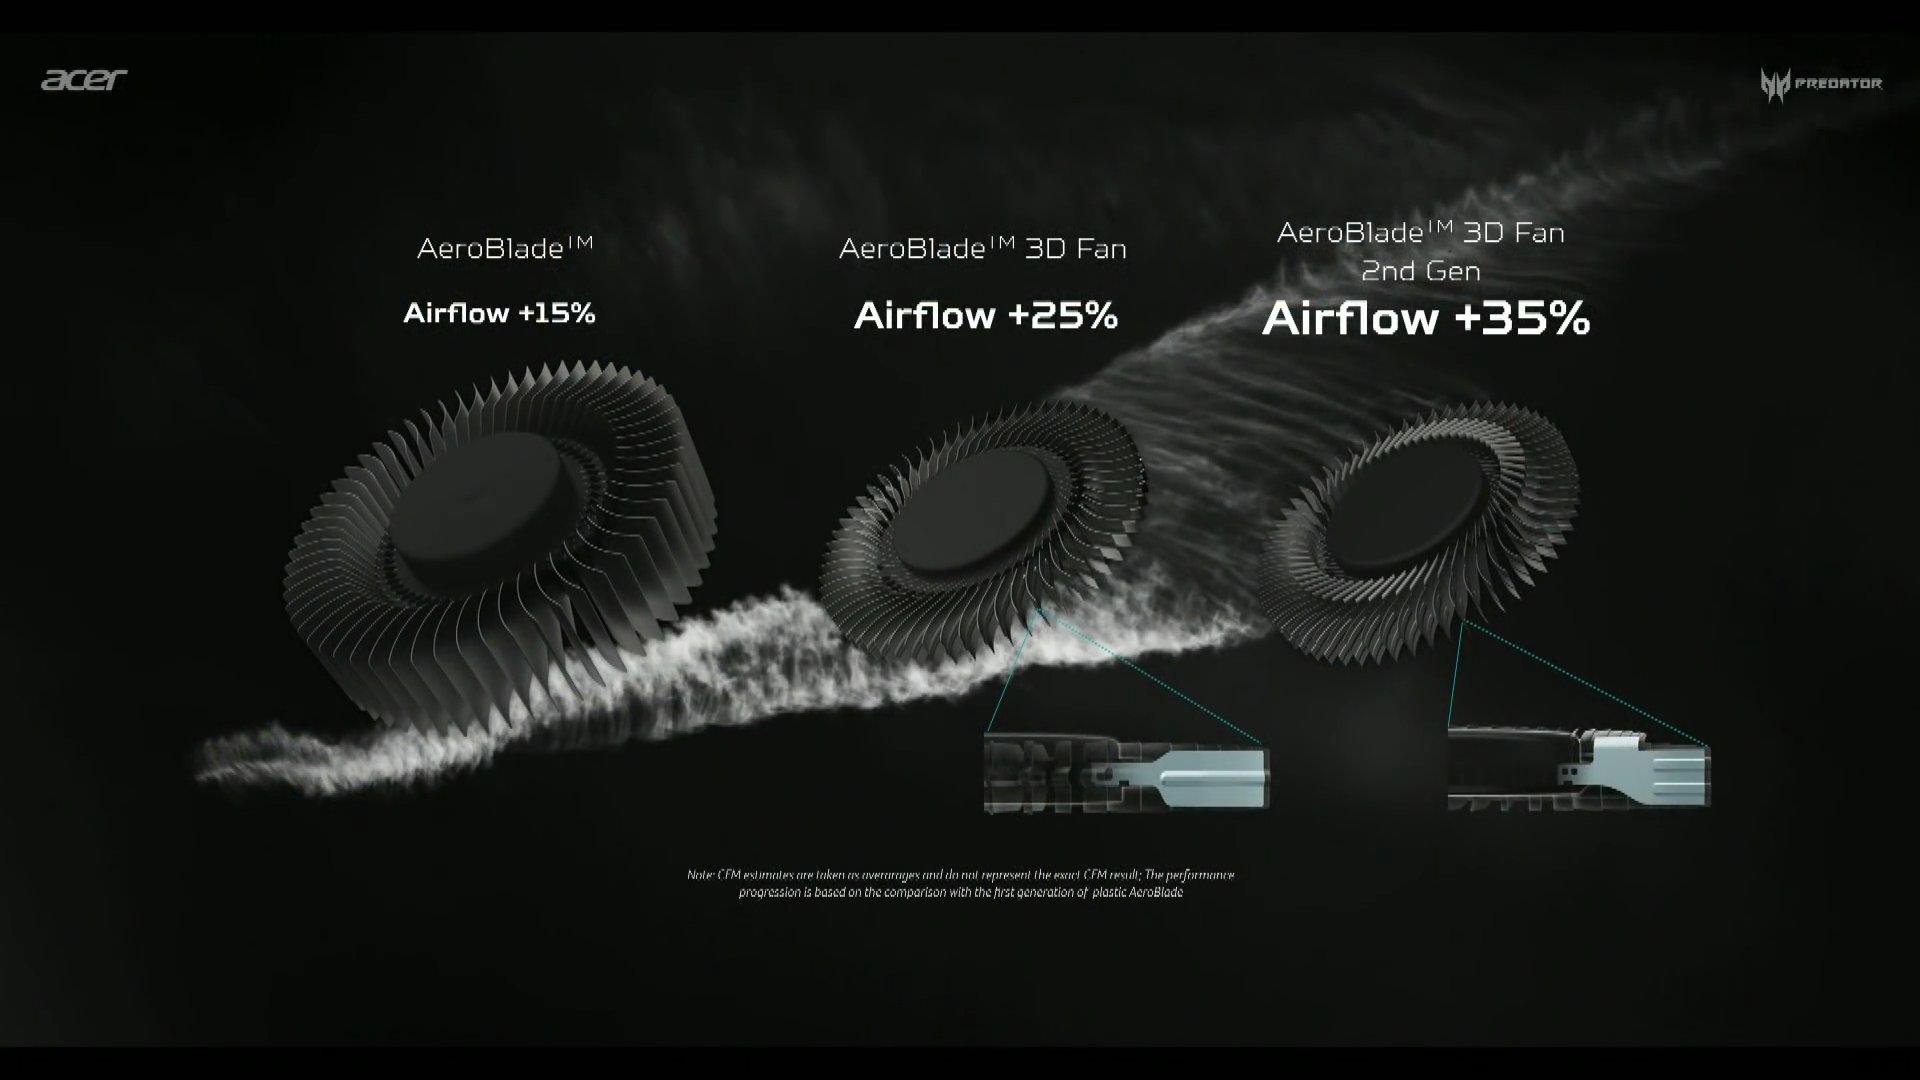 AeroBlade-Generationen im Vergleich